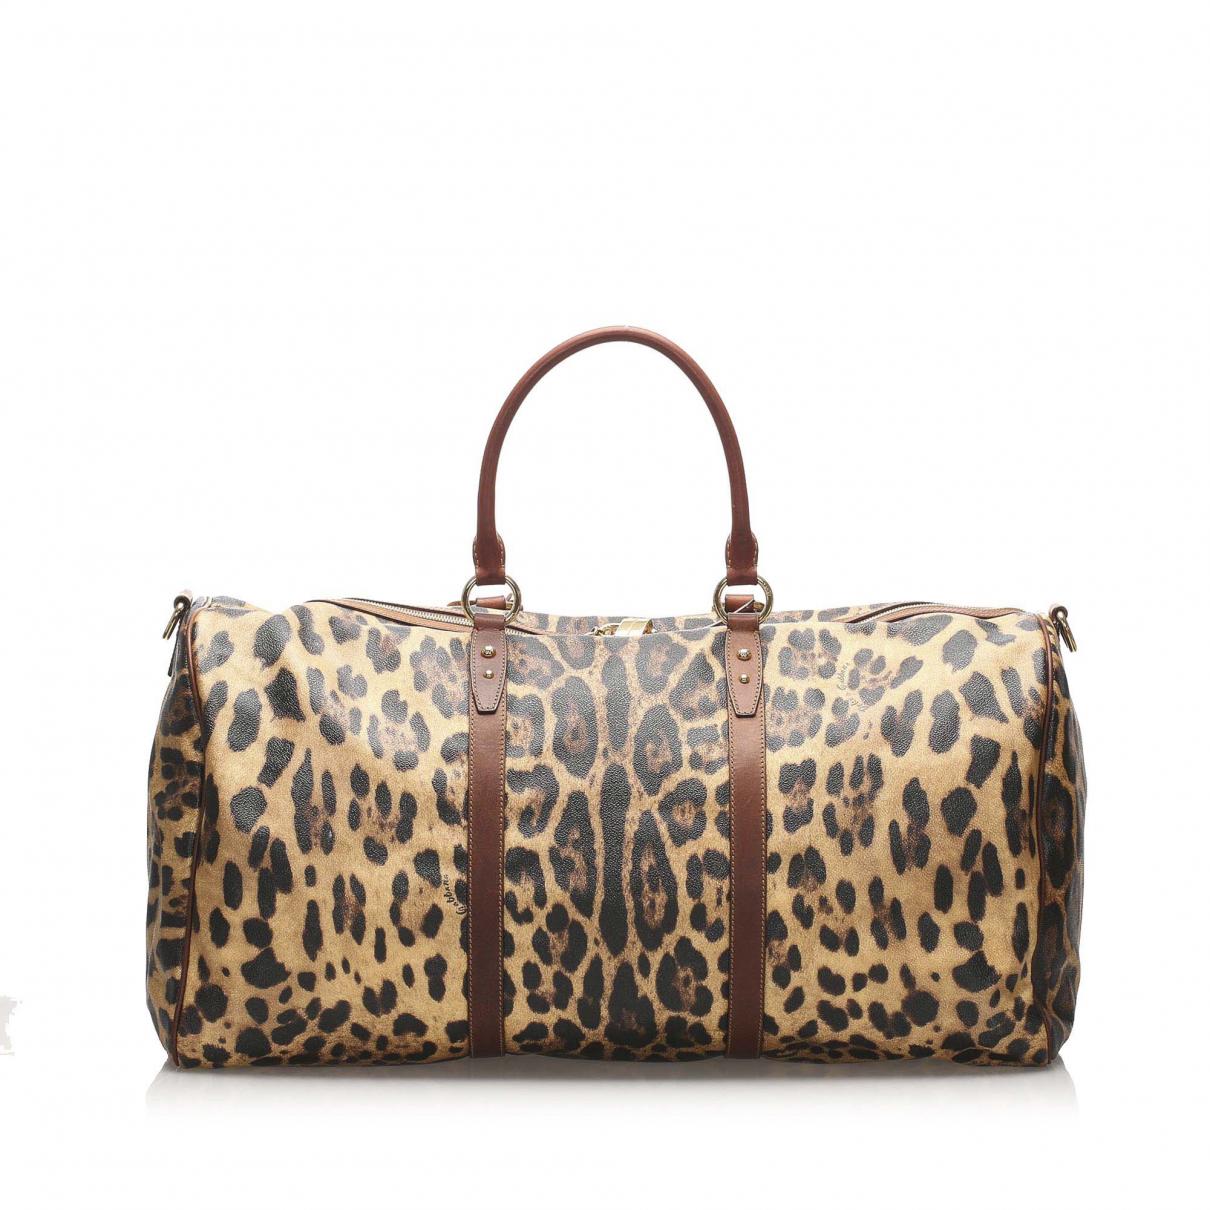 Dolce & Gabbana - Sac de voyage   pour femme en toile - marron